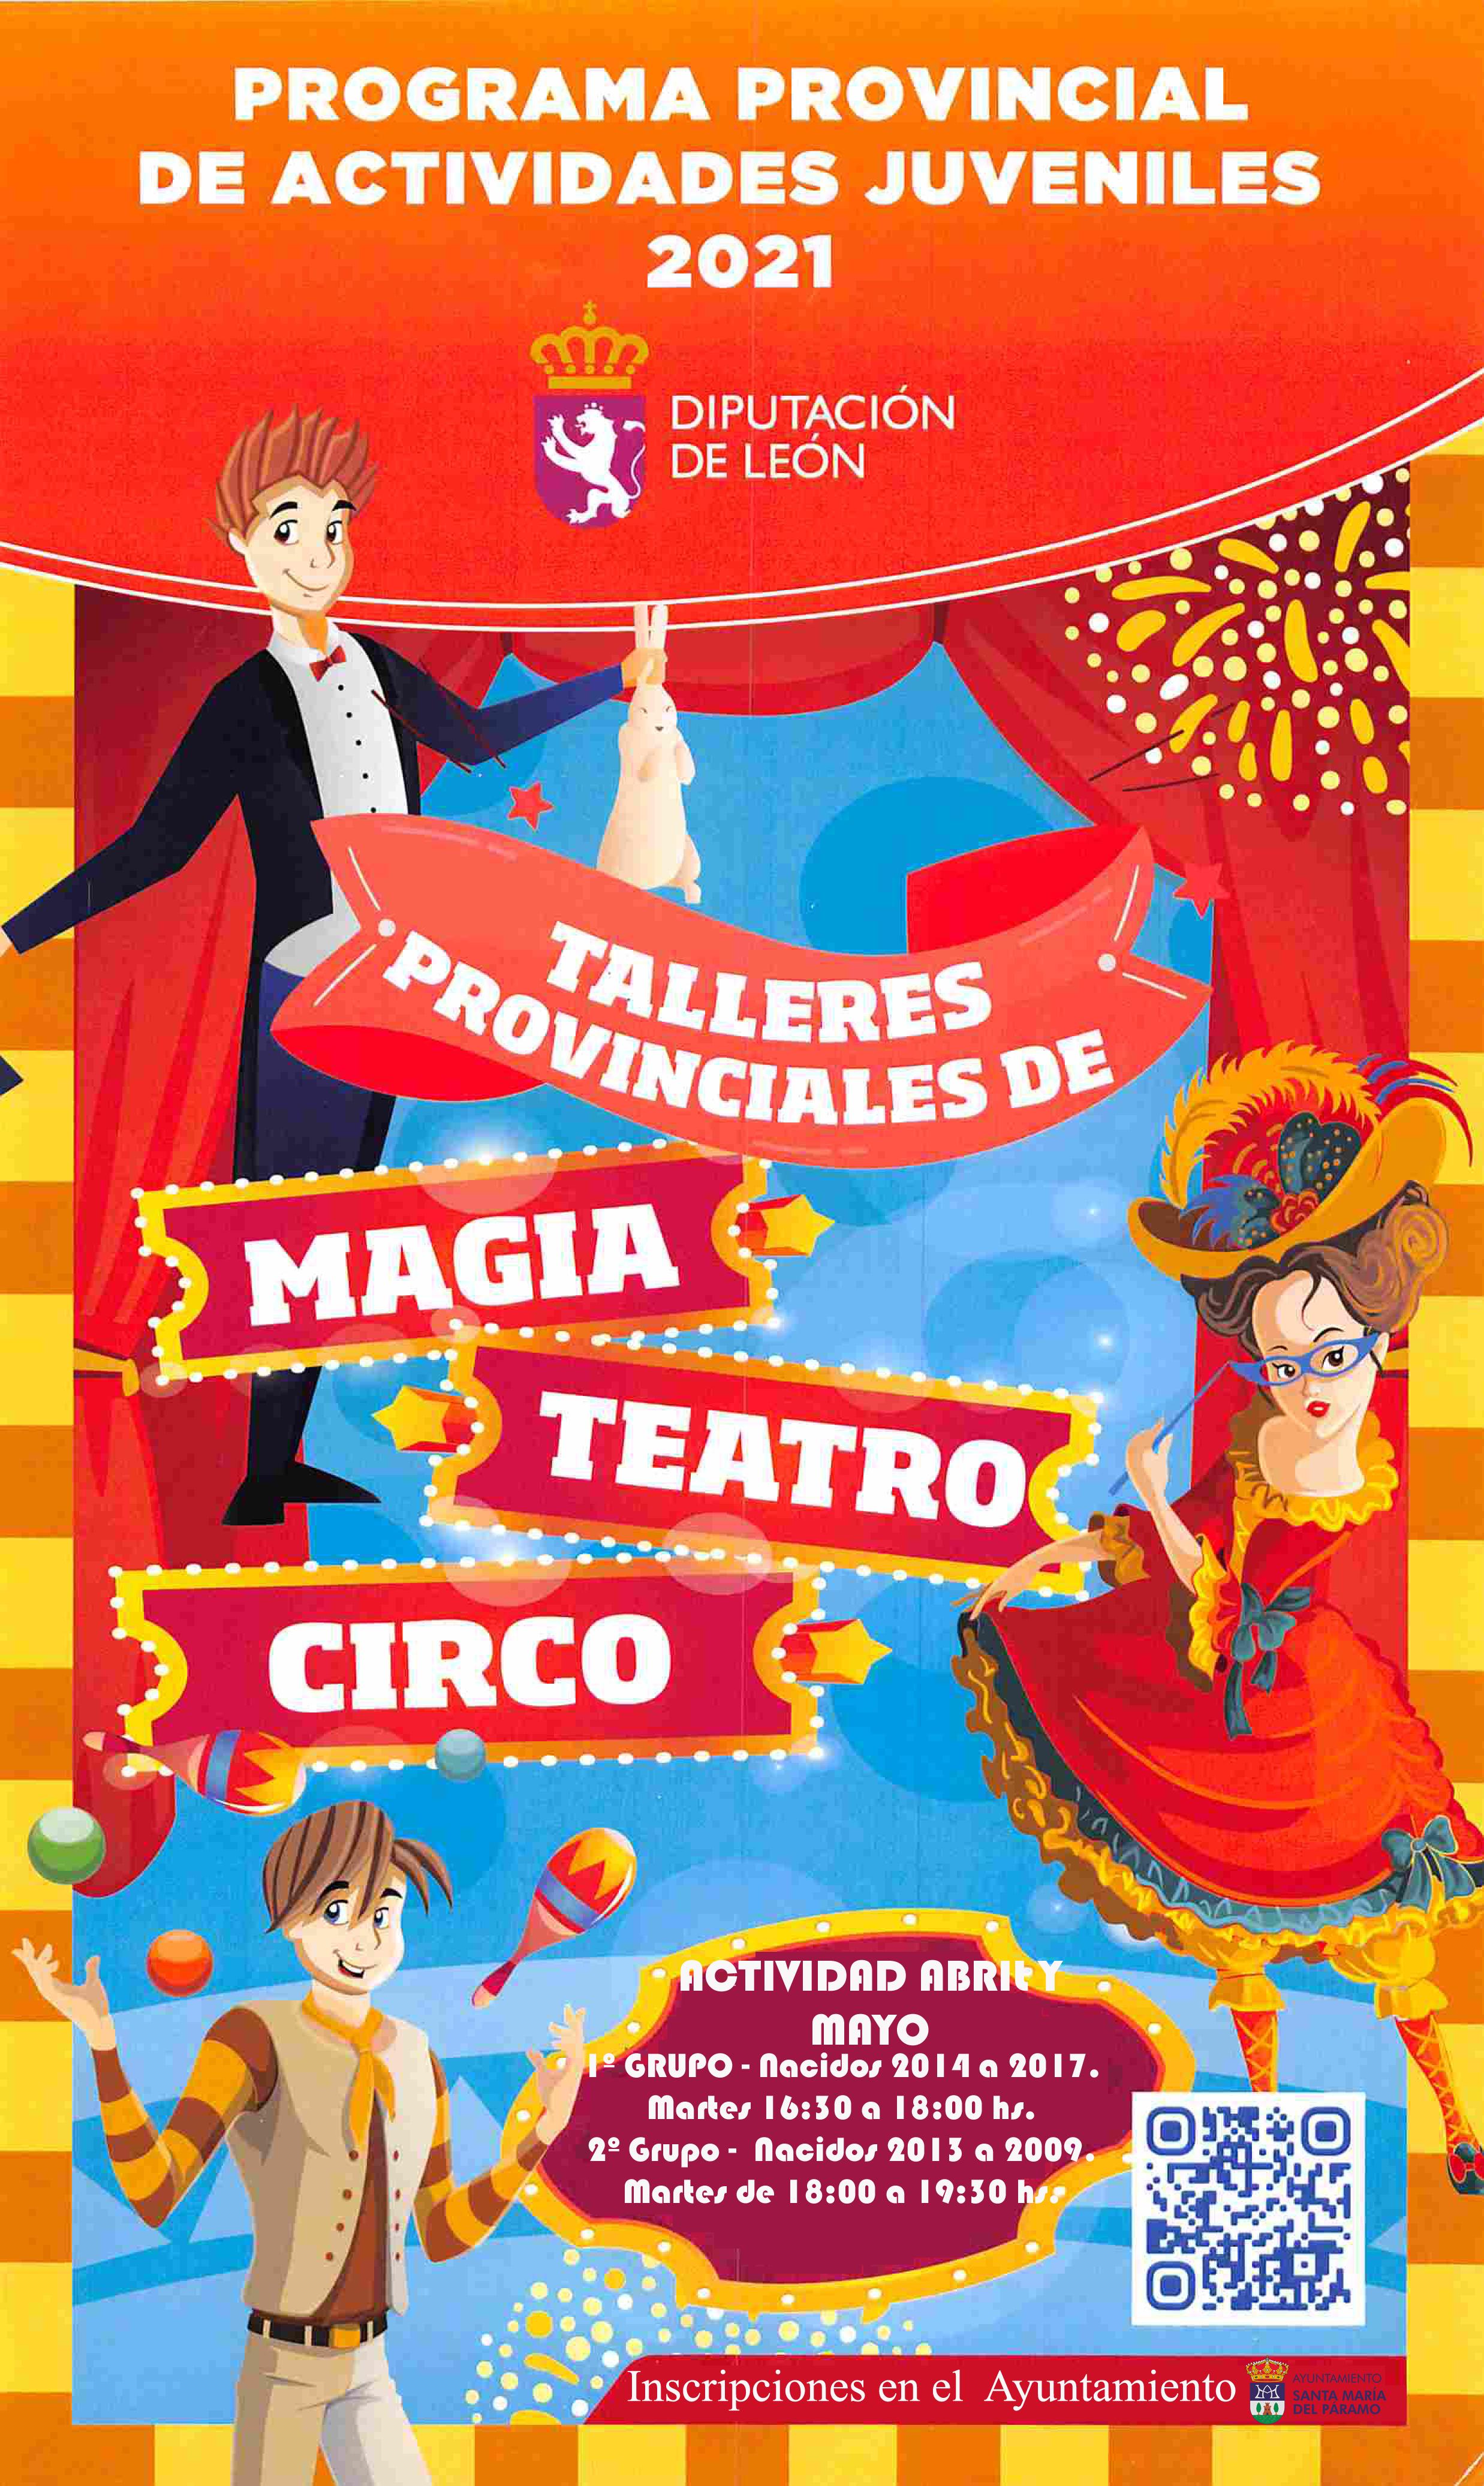 Talleres provinciales de teatro